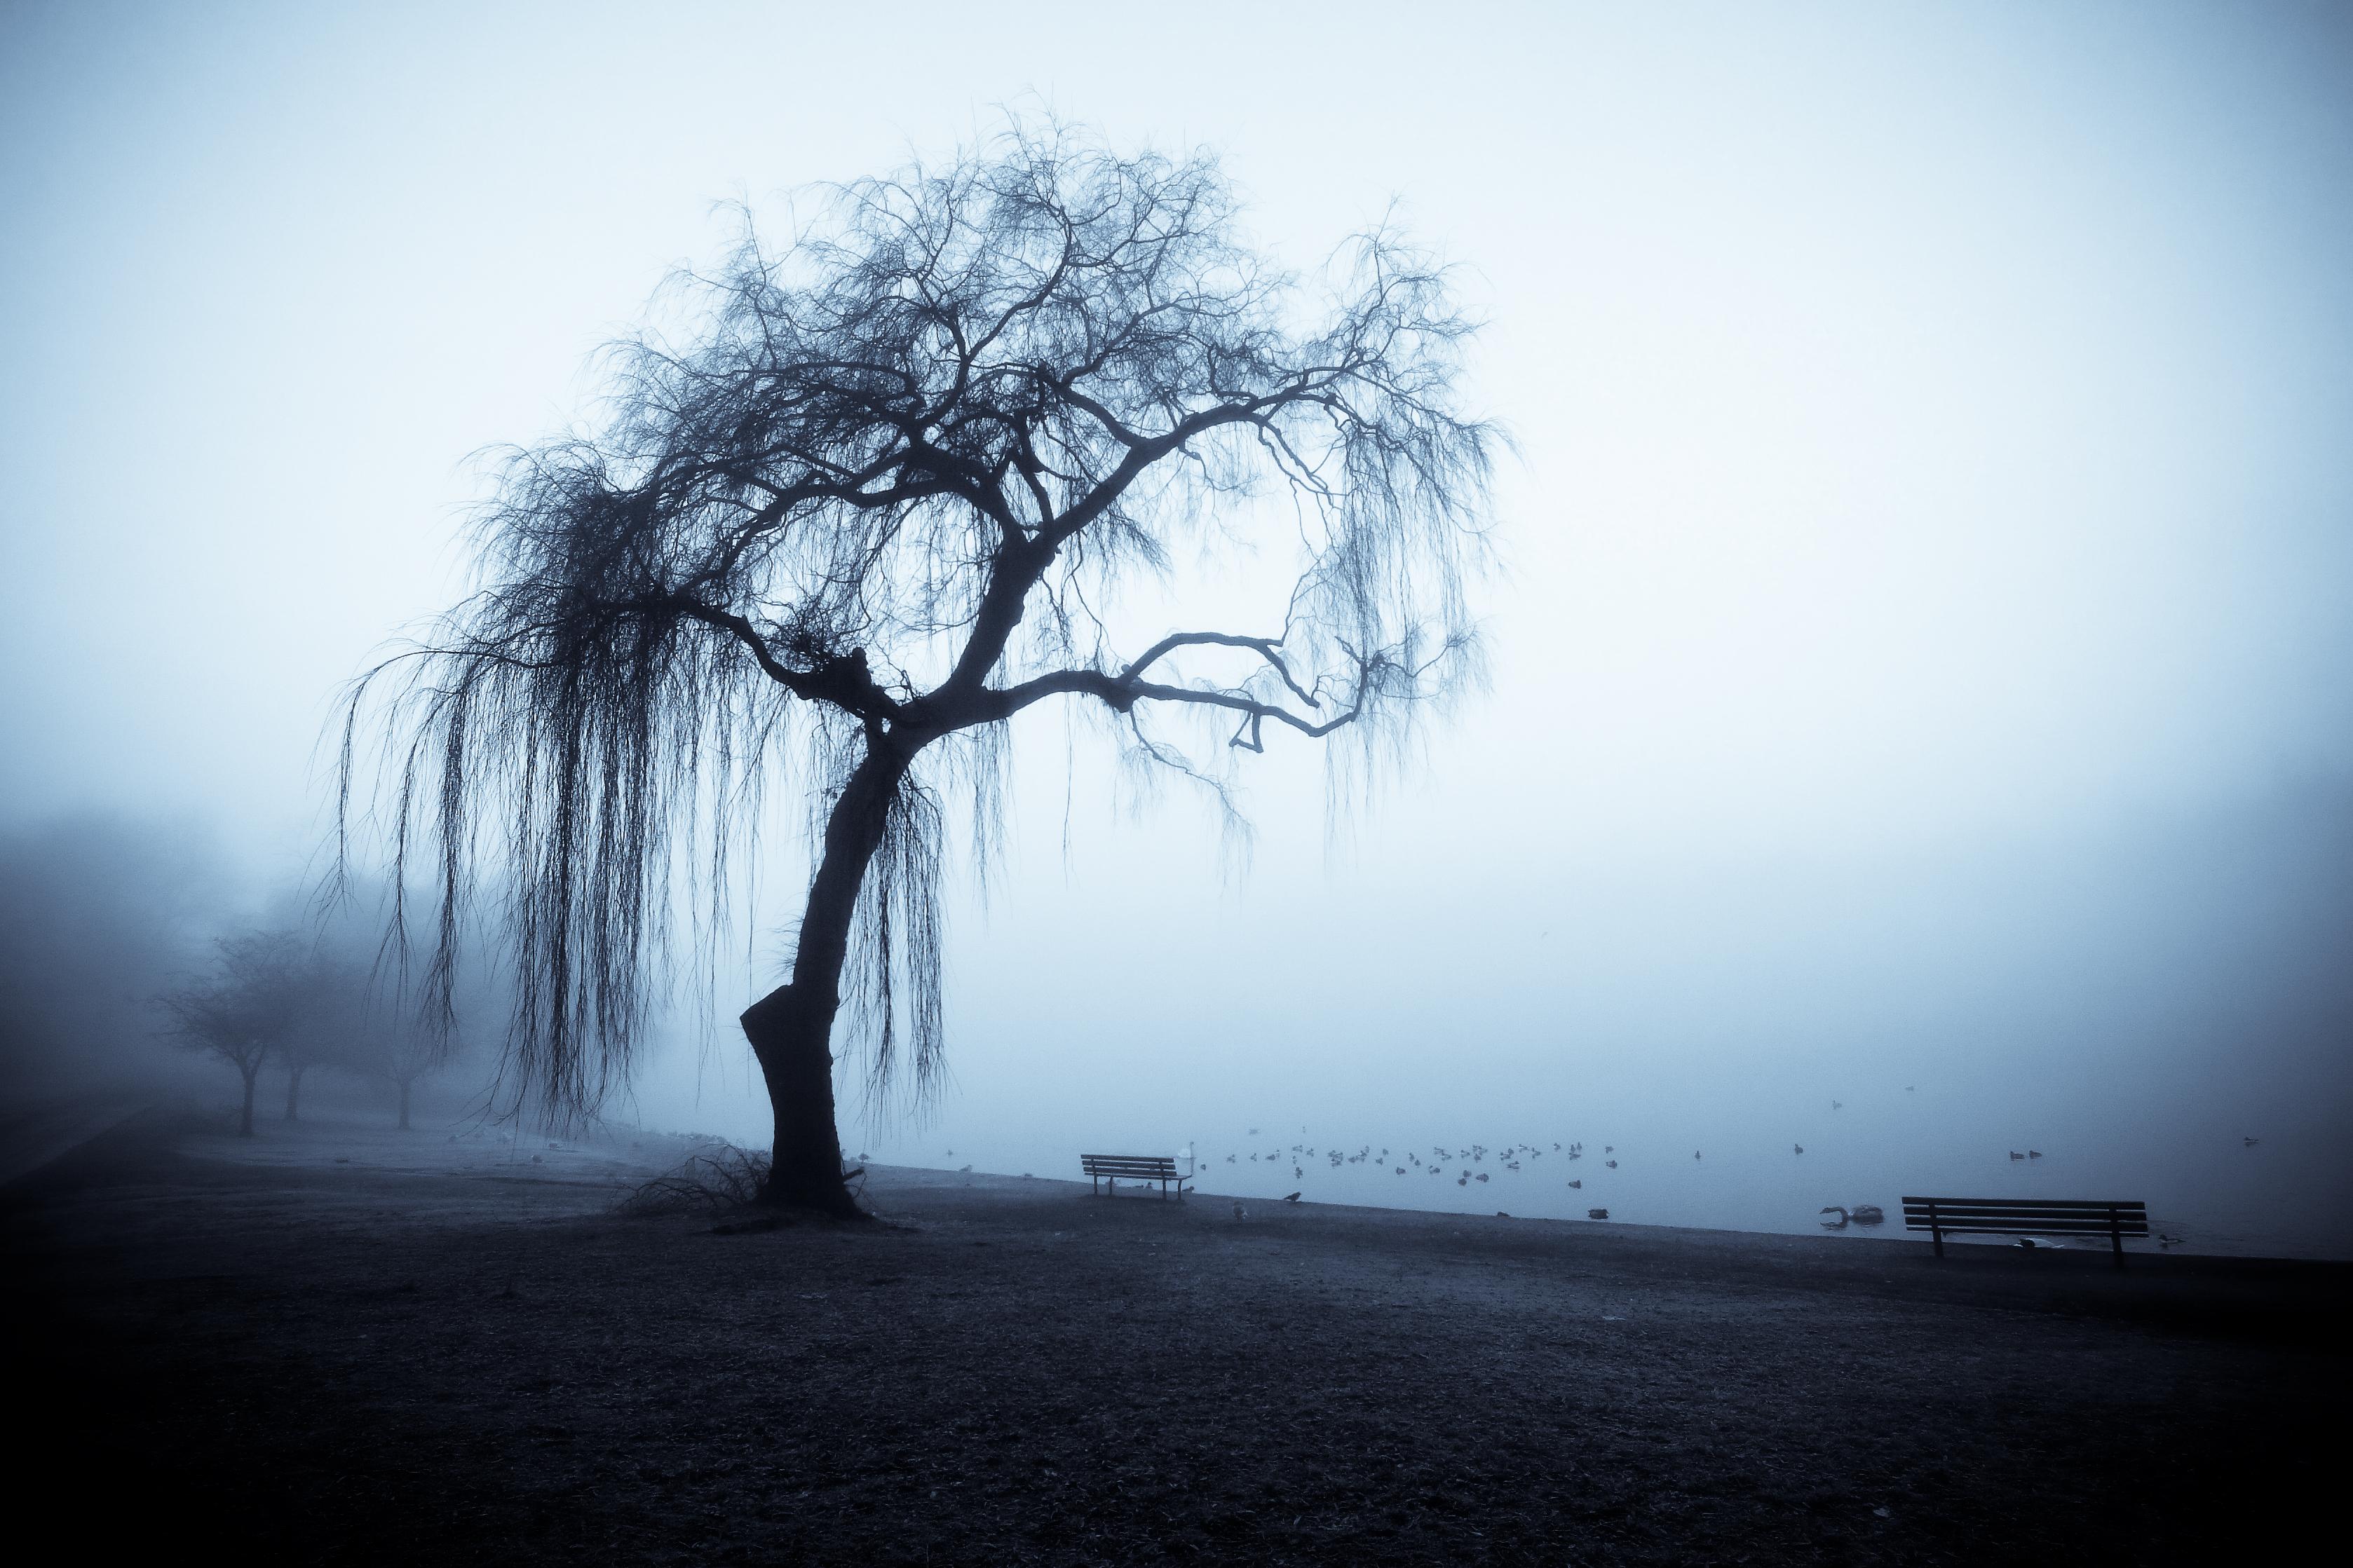 http://fc01.deviantart.net/fs41/f/2009/046/e/8/The_Wise_Old_Tree_II_by_tt83x.jpg